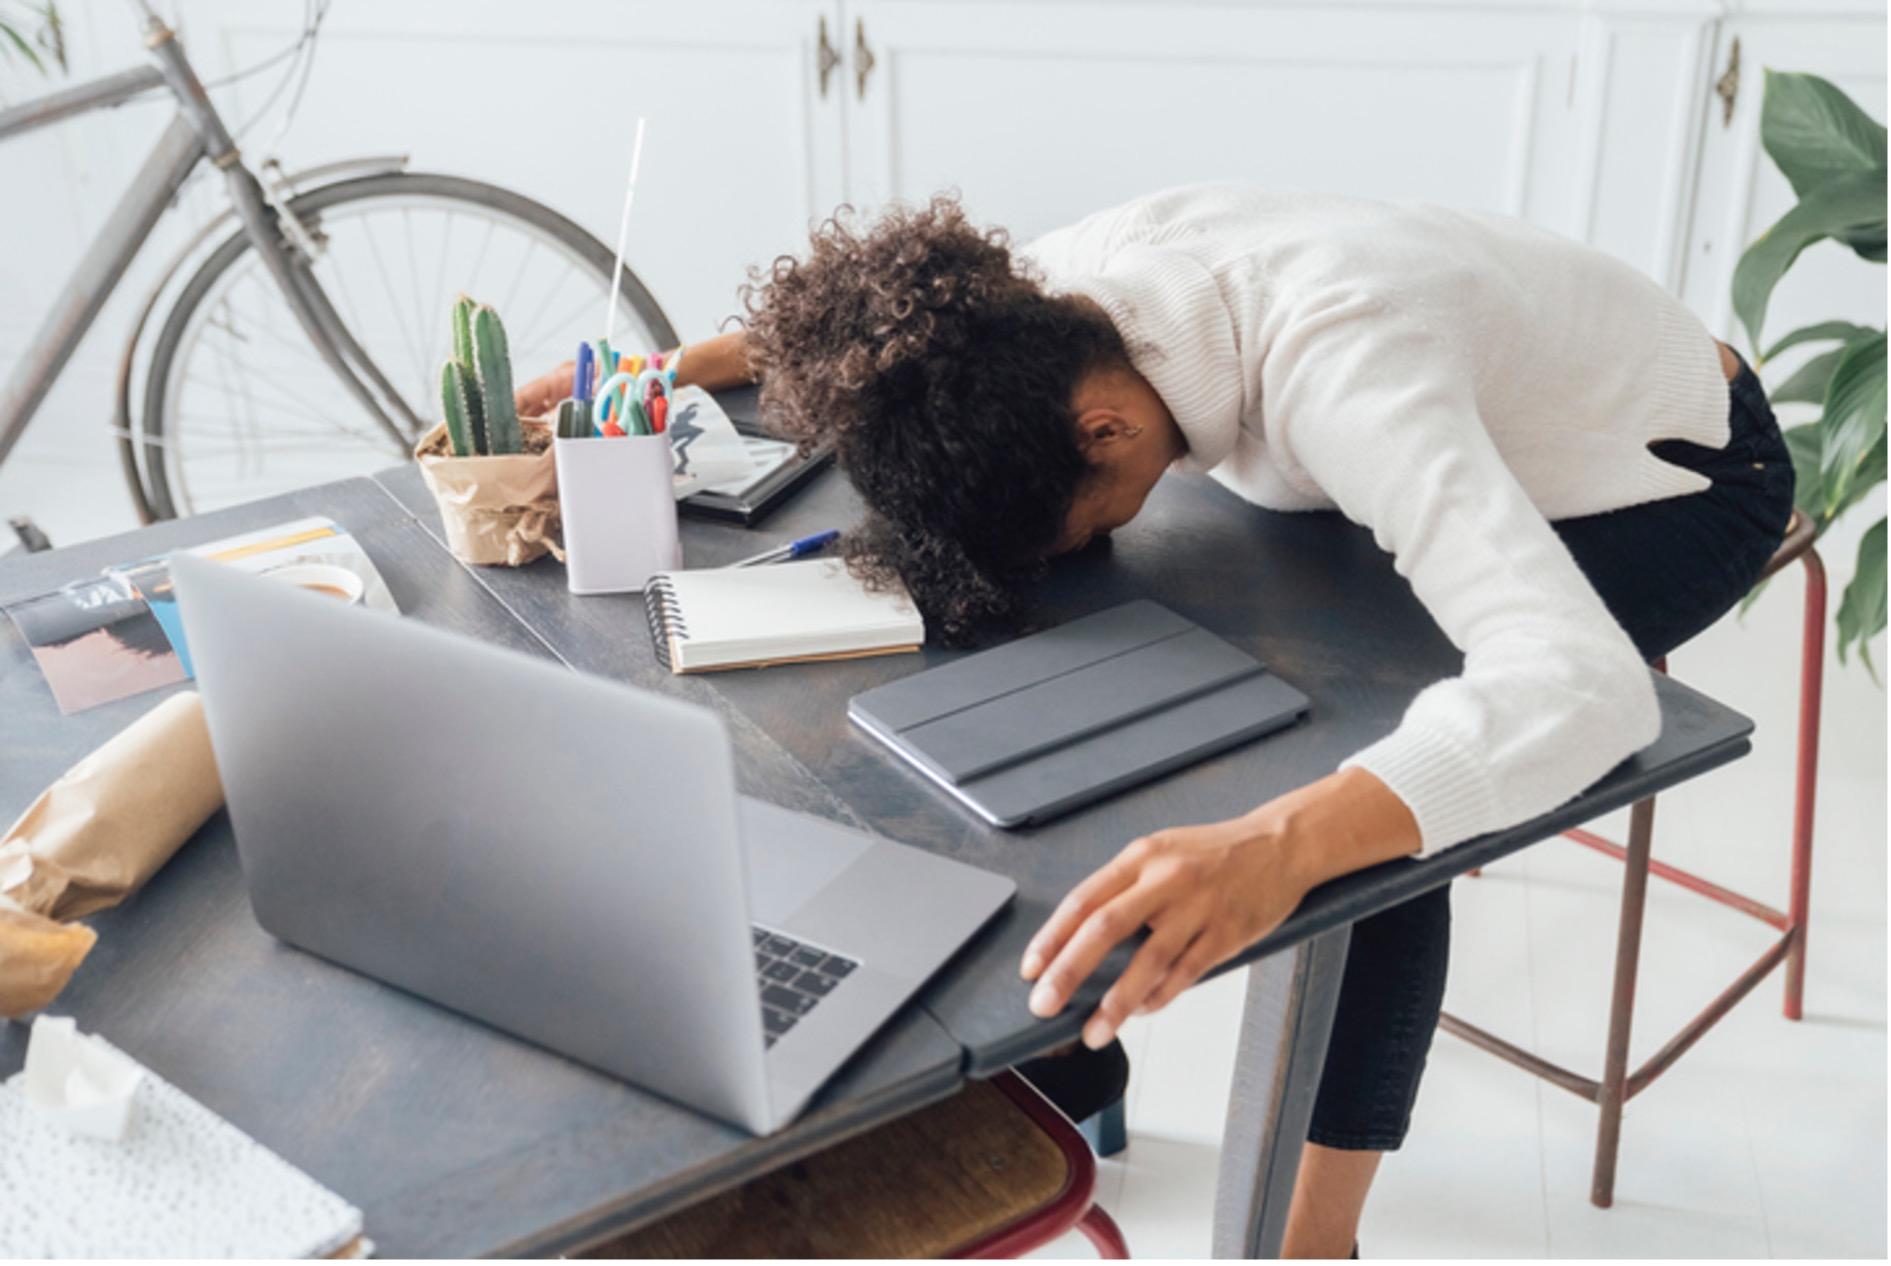 Arbeitsunfähig? Frau bricht am Schreibtisch zusammen